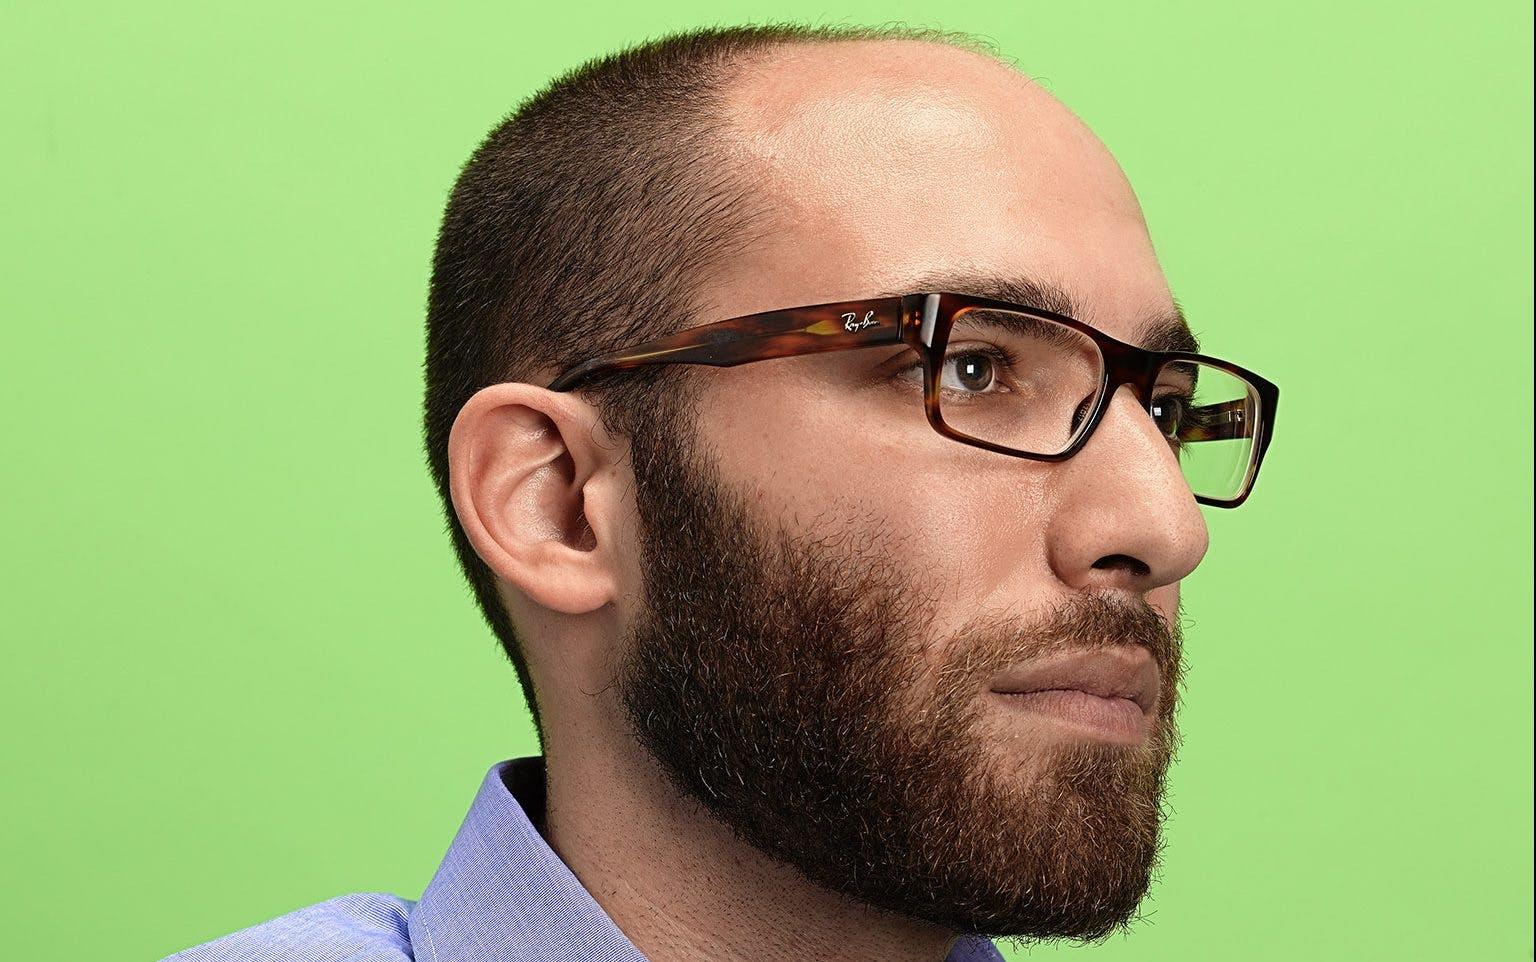 Dan Singer from Minneapolis